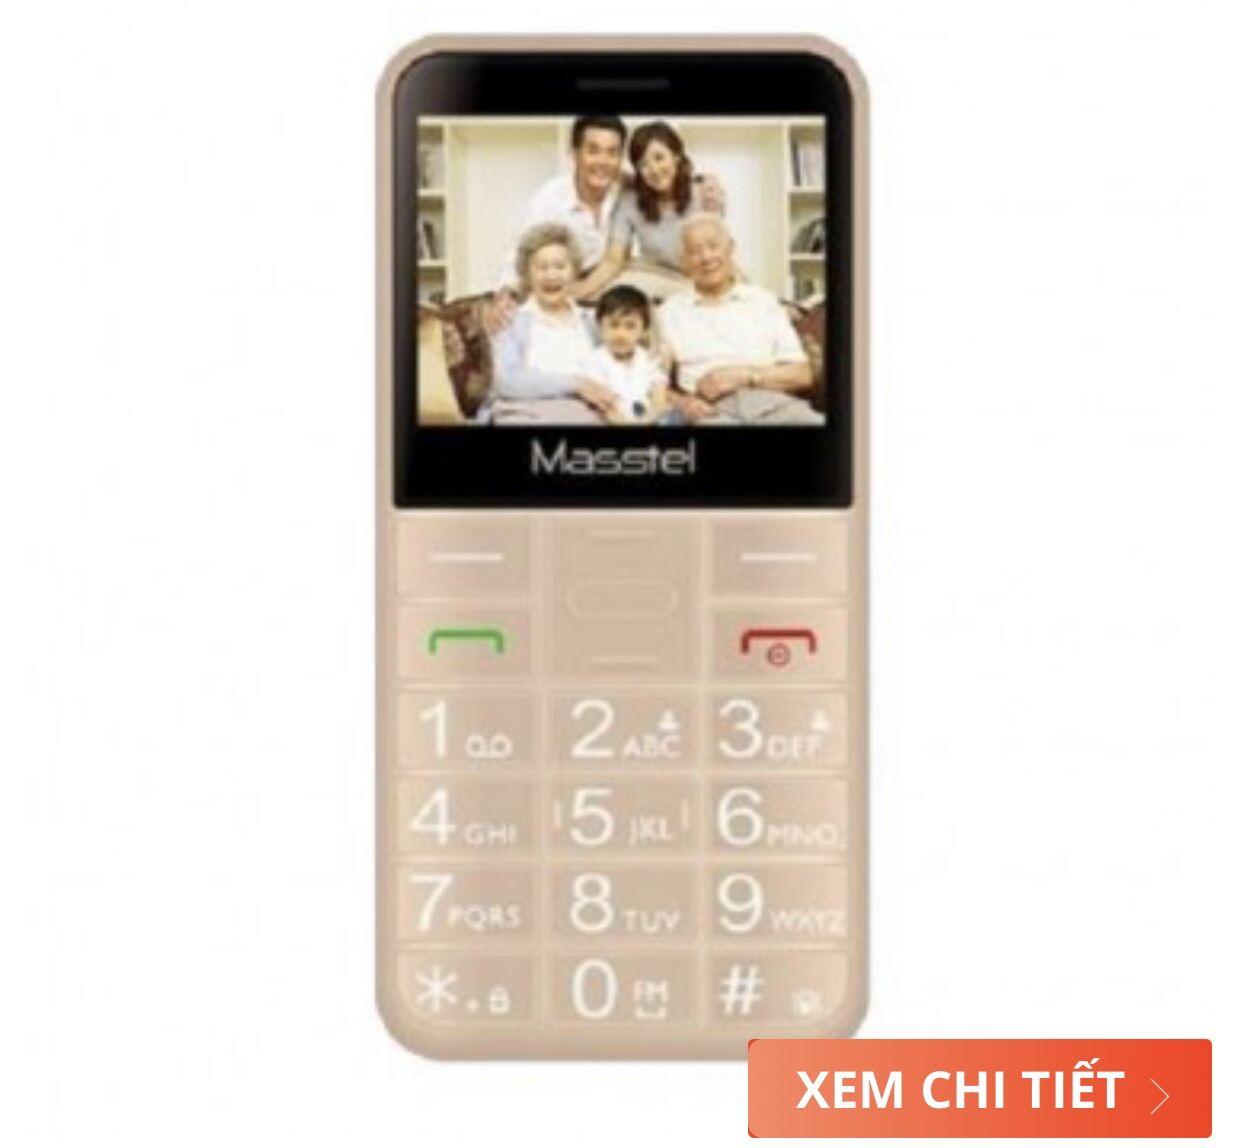 Điện thoại người già Fami Việt ( Hàng chính hãng) có cốc sạc rời như homephone ( bảo hành 12 tháng )